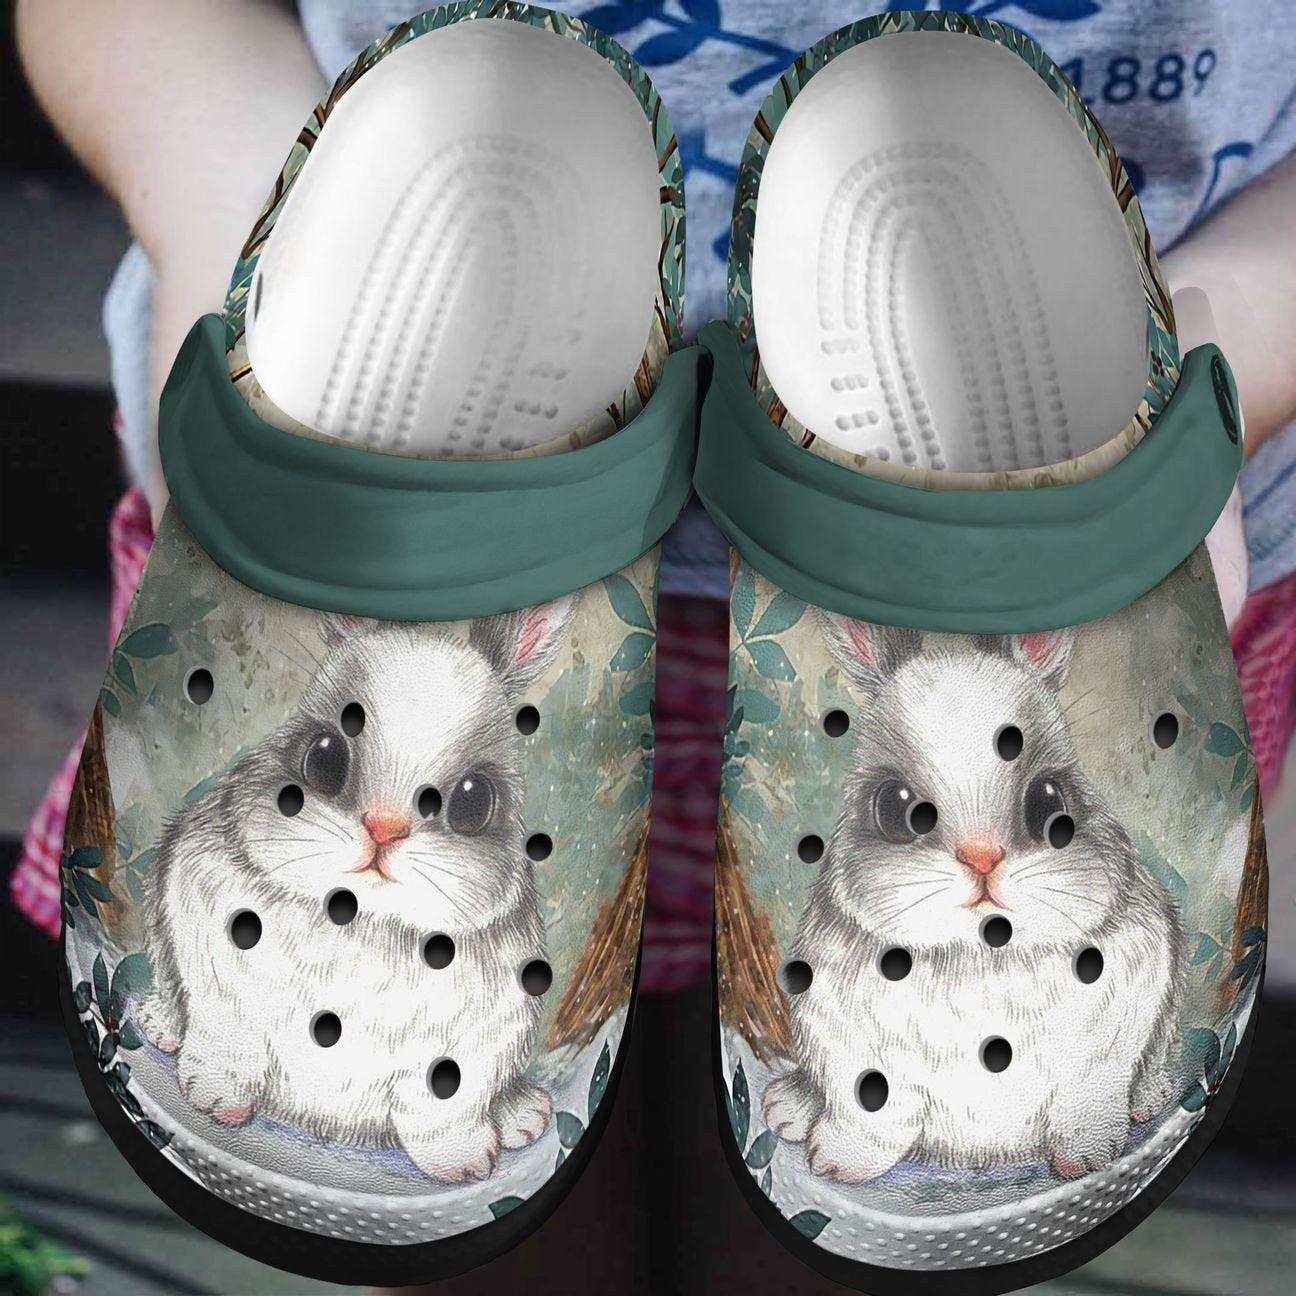 Bunny Rabbit Crocs Clog Shoes